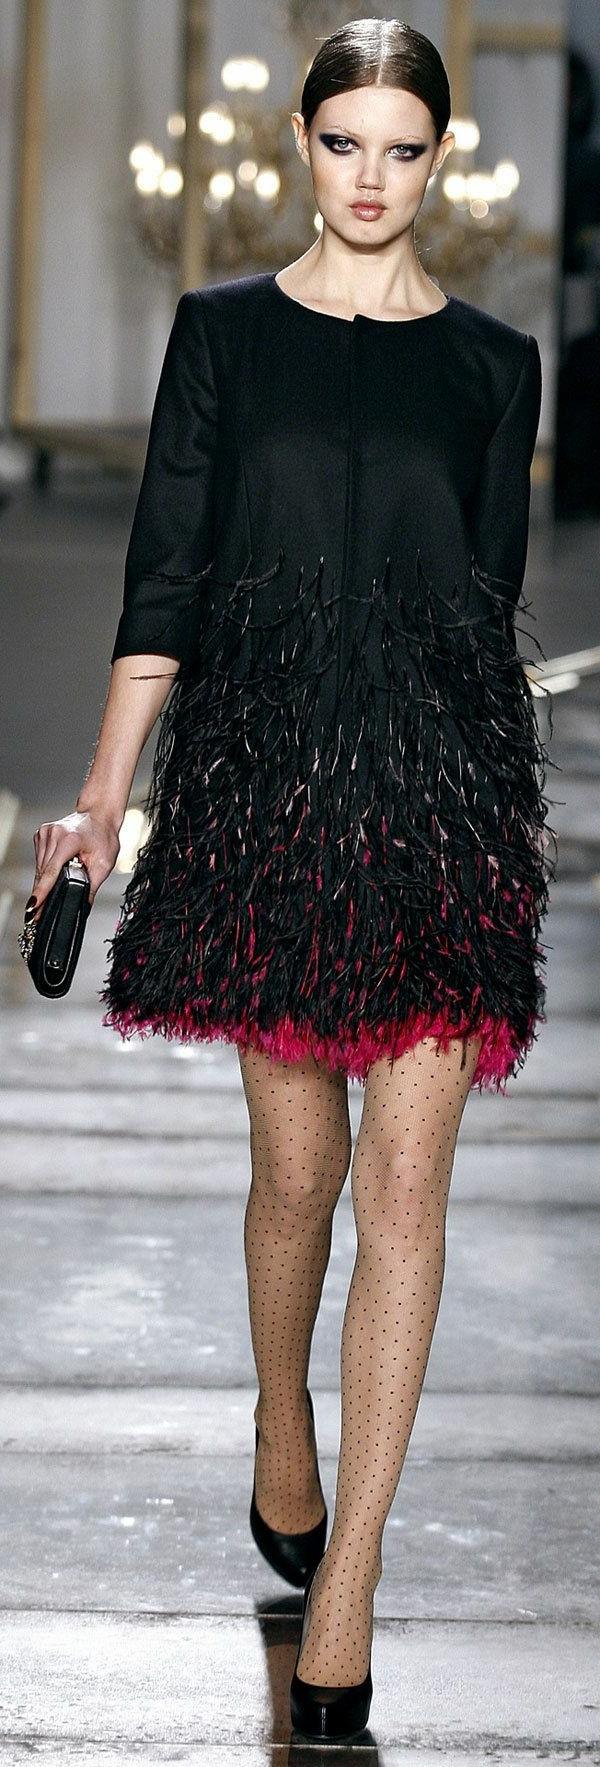 schwarzes-Cocktail-Kleid-mit-rosa-Kant